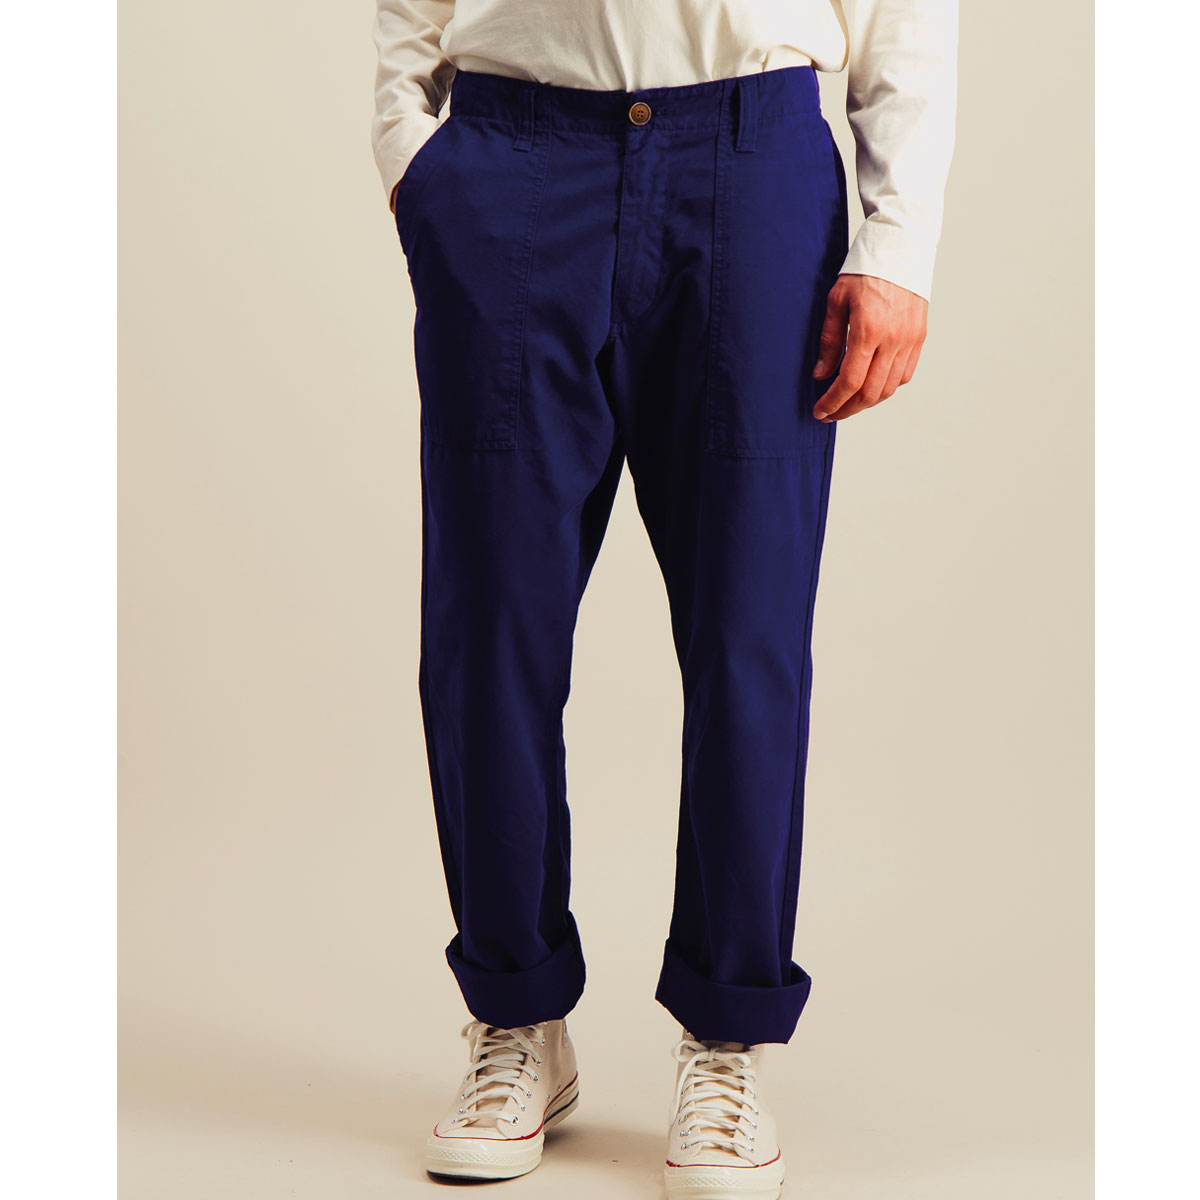 OUTLAND pantalon FATIGUE RIPSTOP indigo